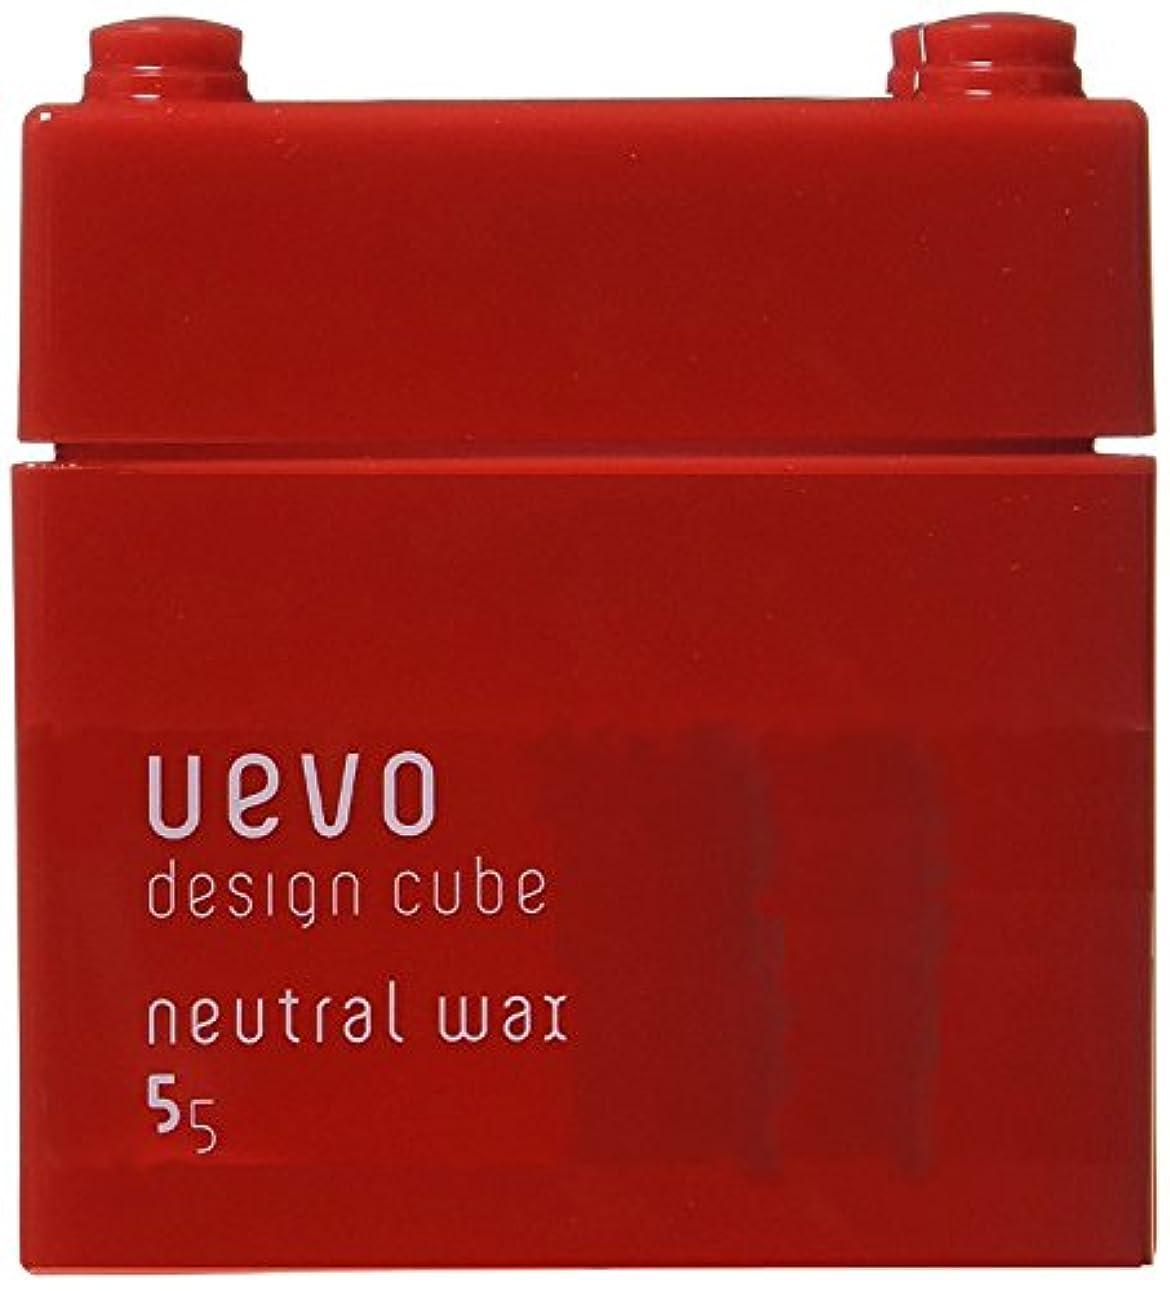 マティス抜粋類人猿デミ?ウェーボ デザインキューブ ニュートラルワックス 80g(並行輸入品)